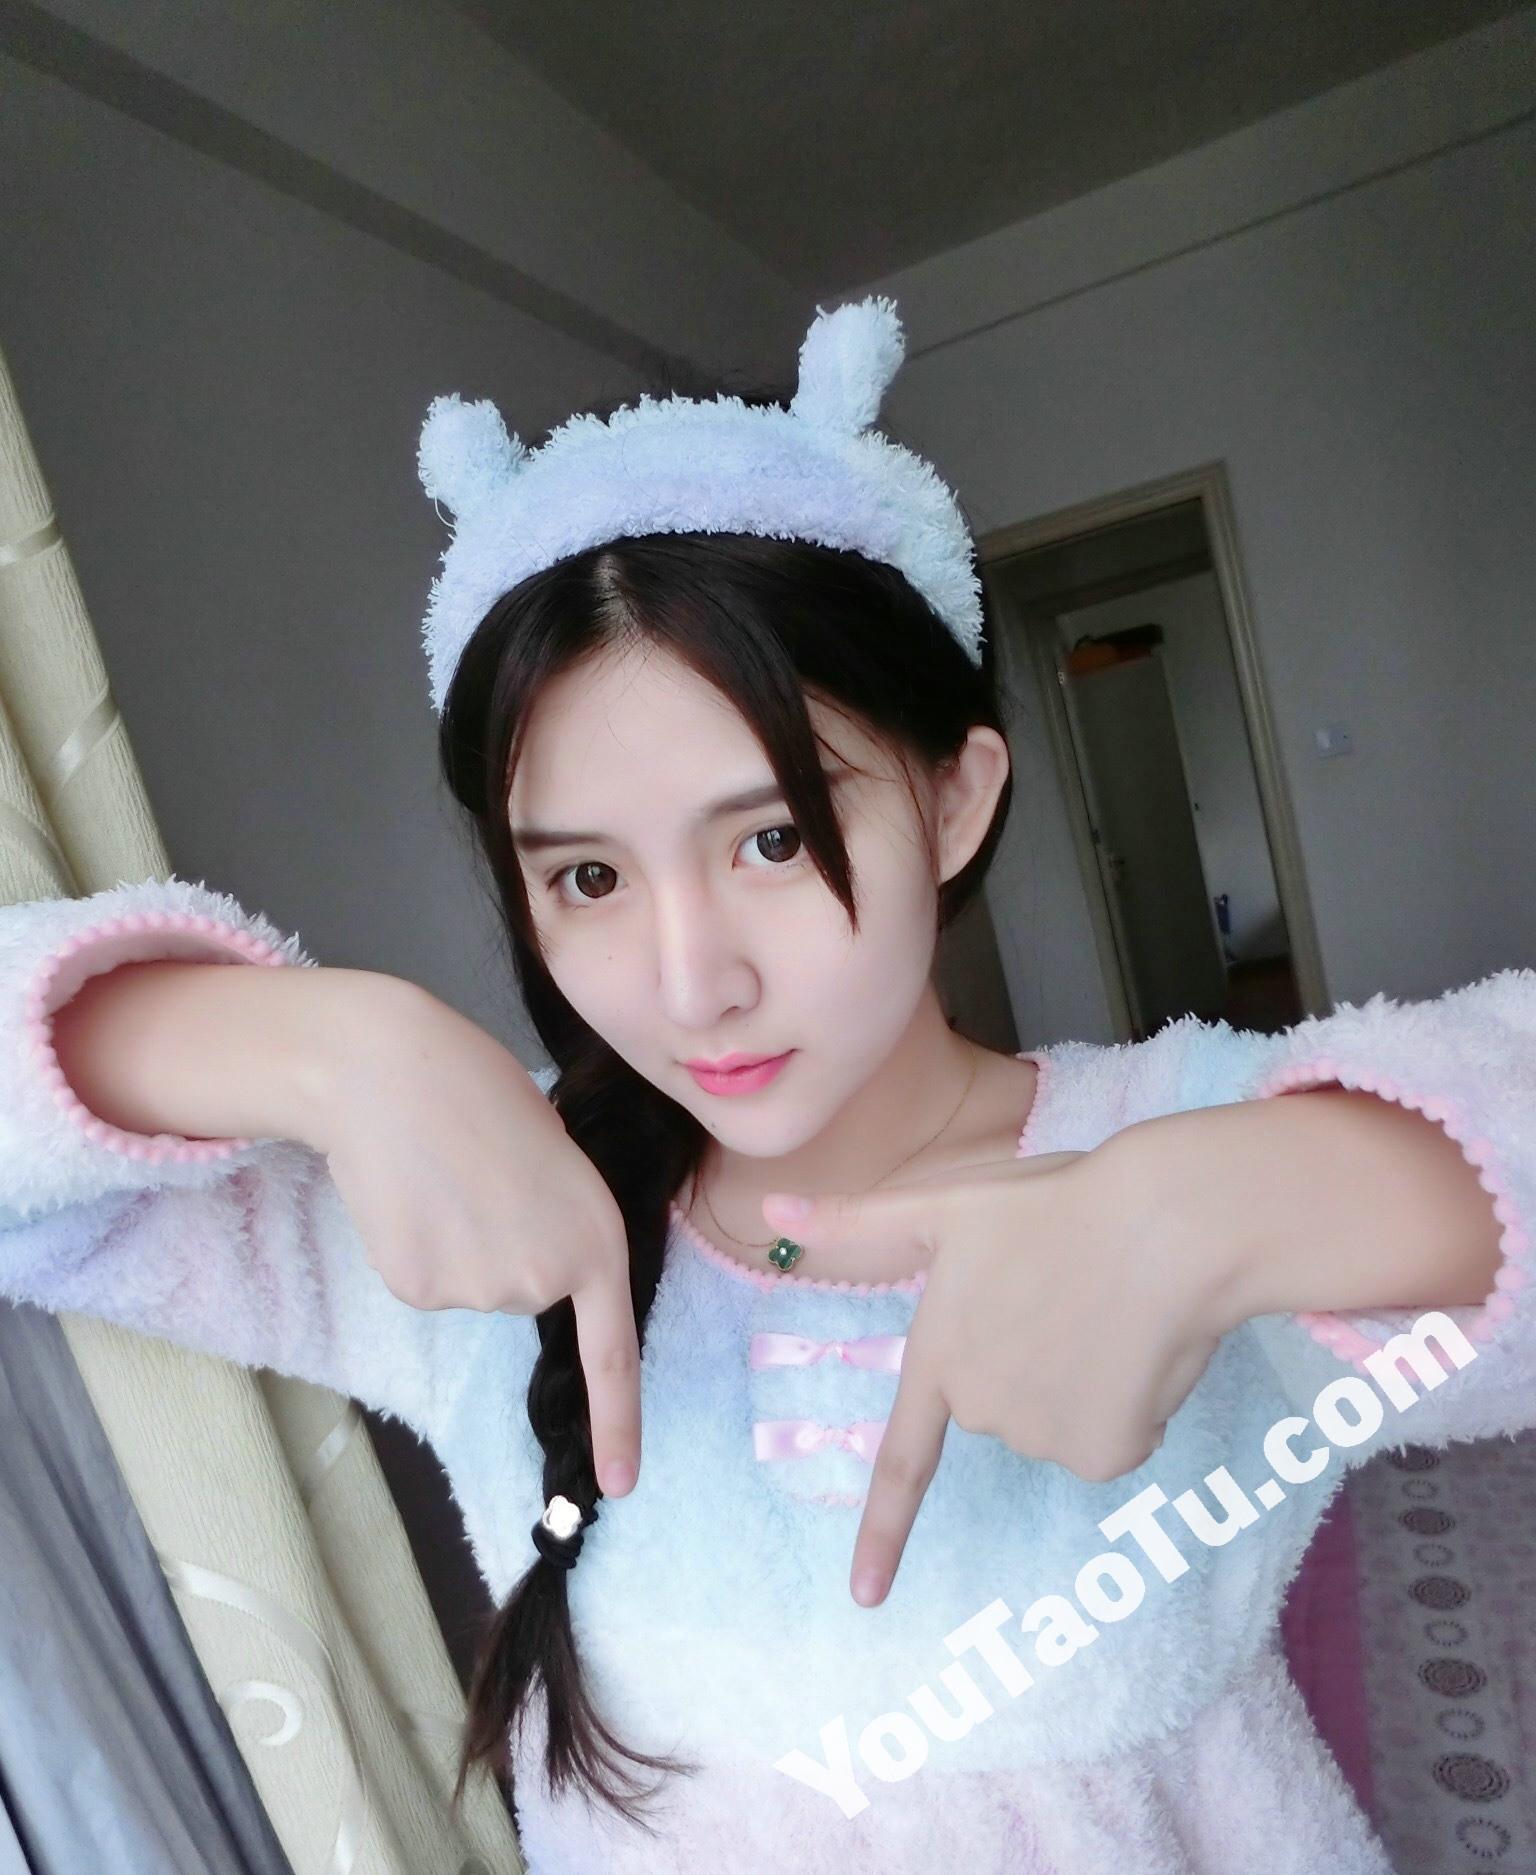 ZZ01_2298图 时尚美女网恋照片生活照套图-6